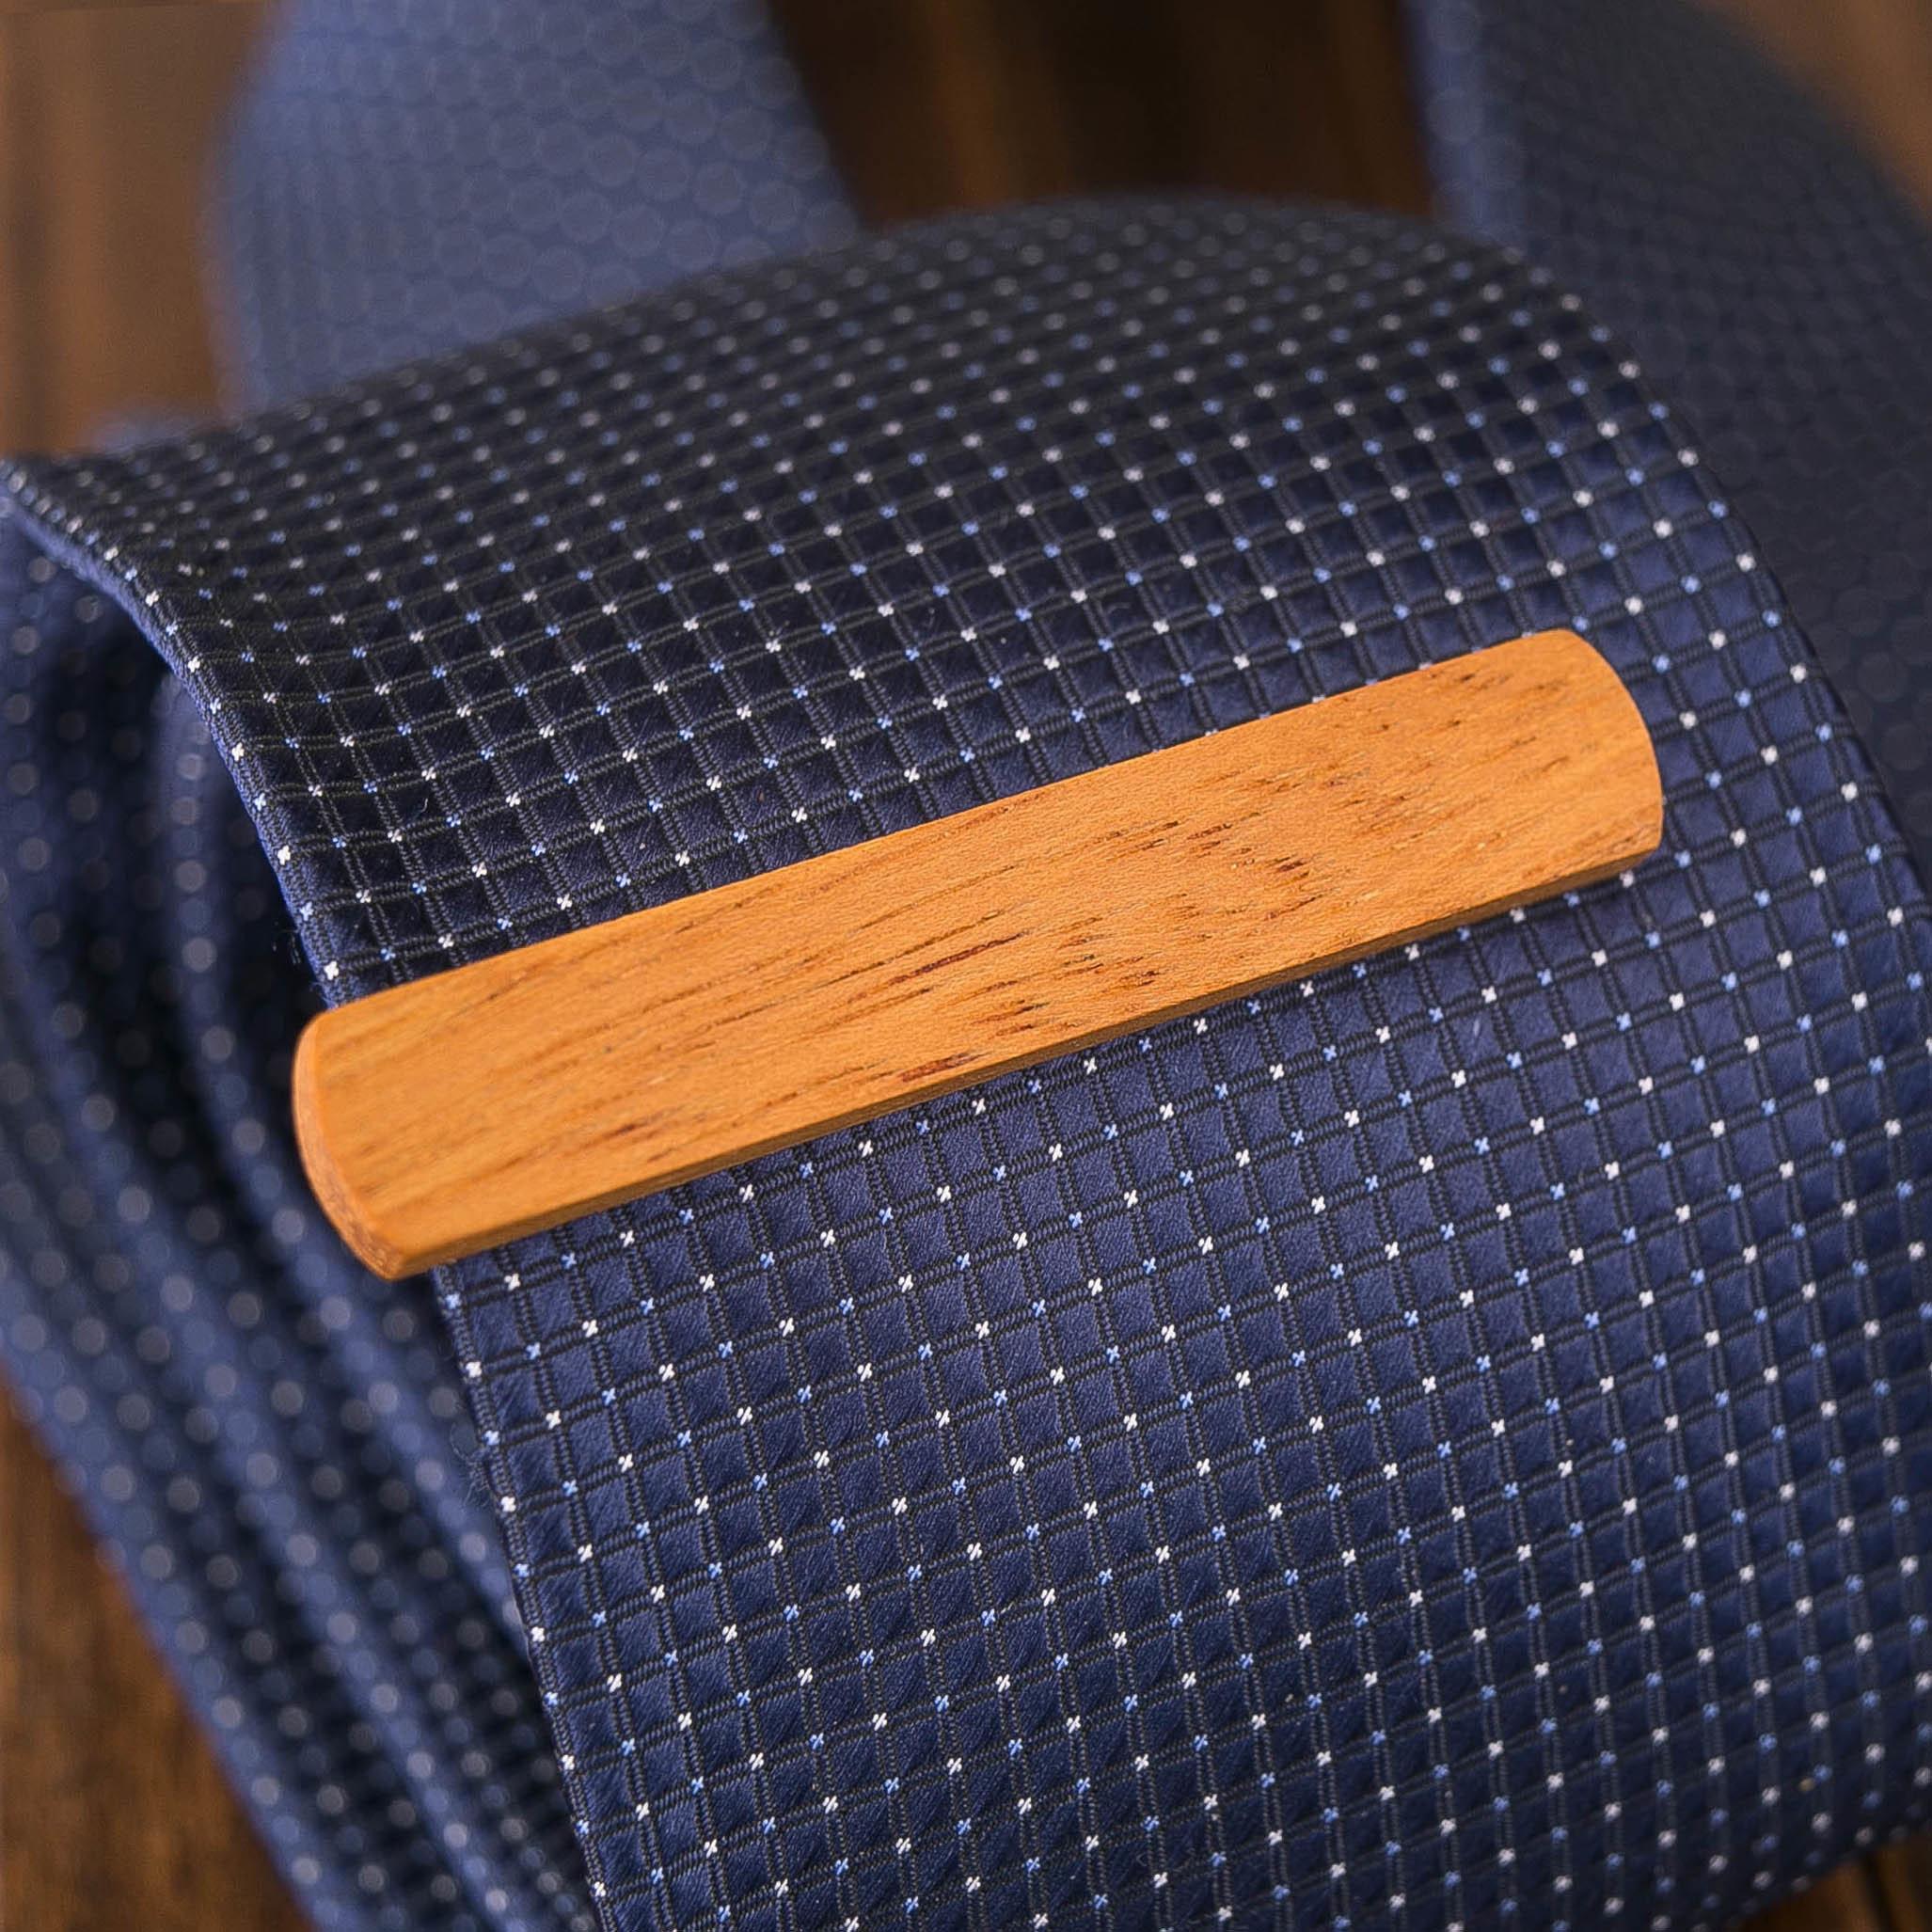 Деревянный зажим для галстука из массива кусии. Гравировка имени или инициалов. Планка для галстука. Подарок для друзей жениха. Подарок на деревянную свадьбу TW-KusiaTieClip10